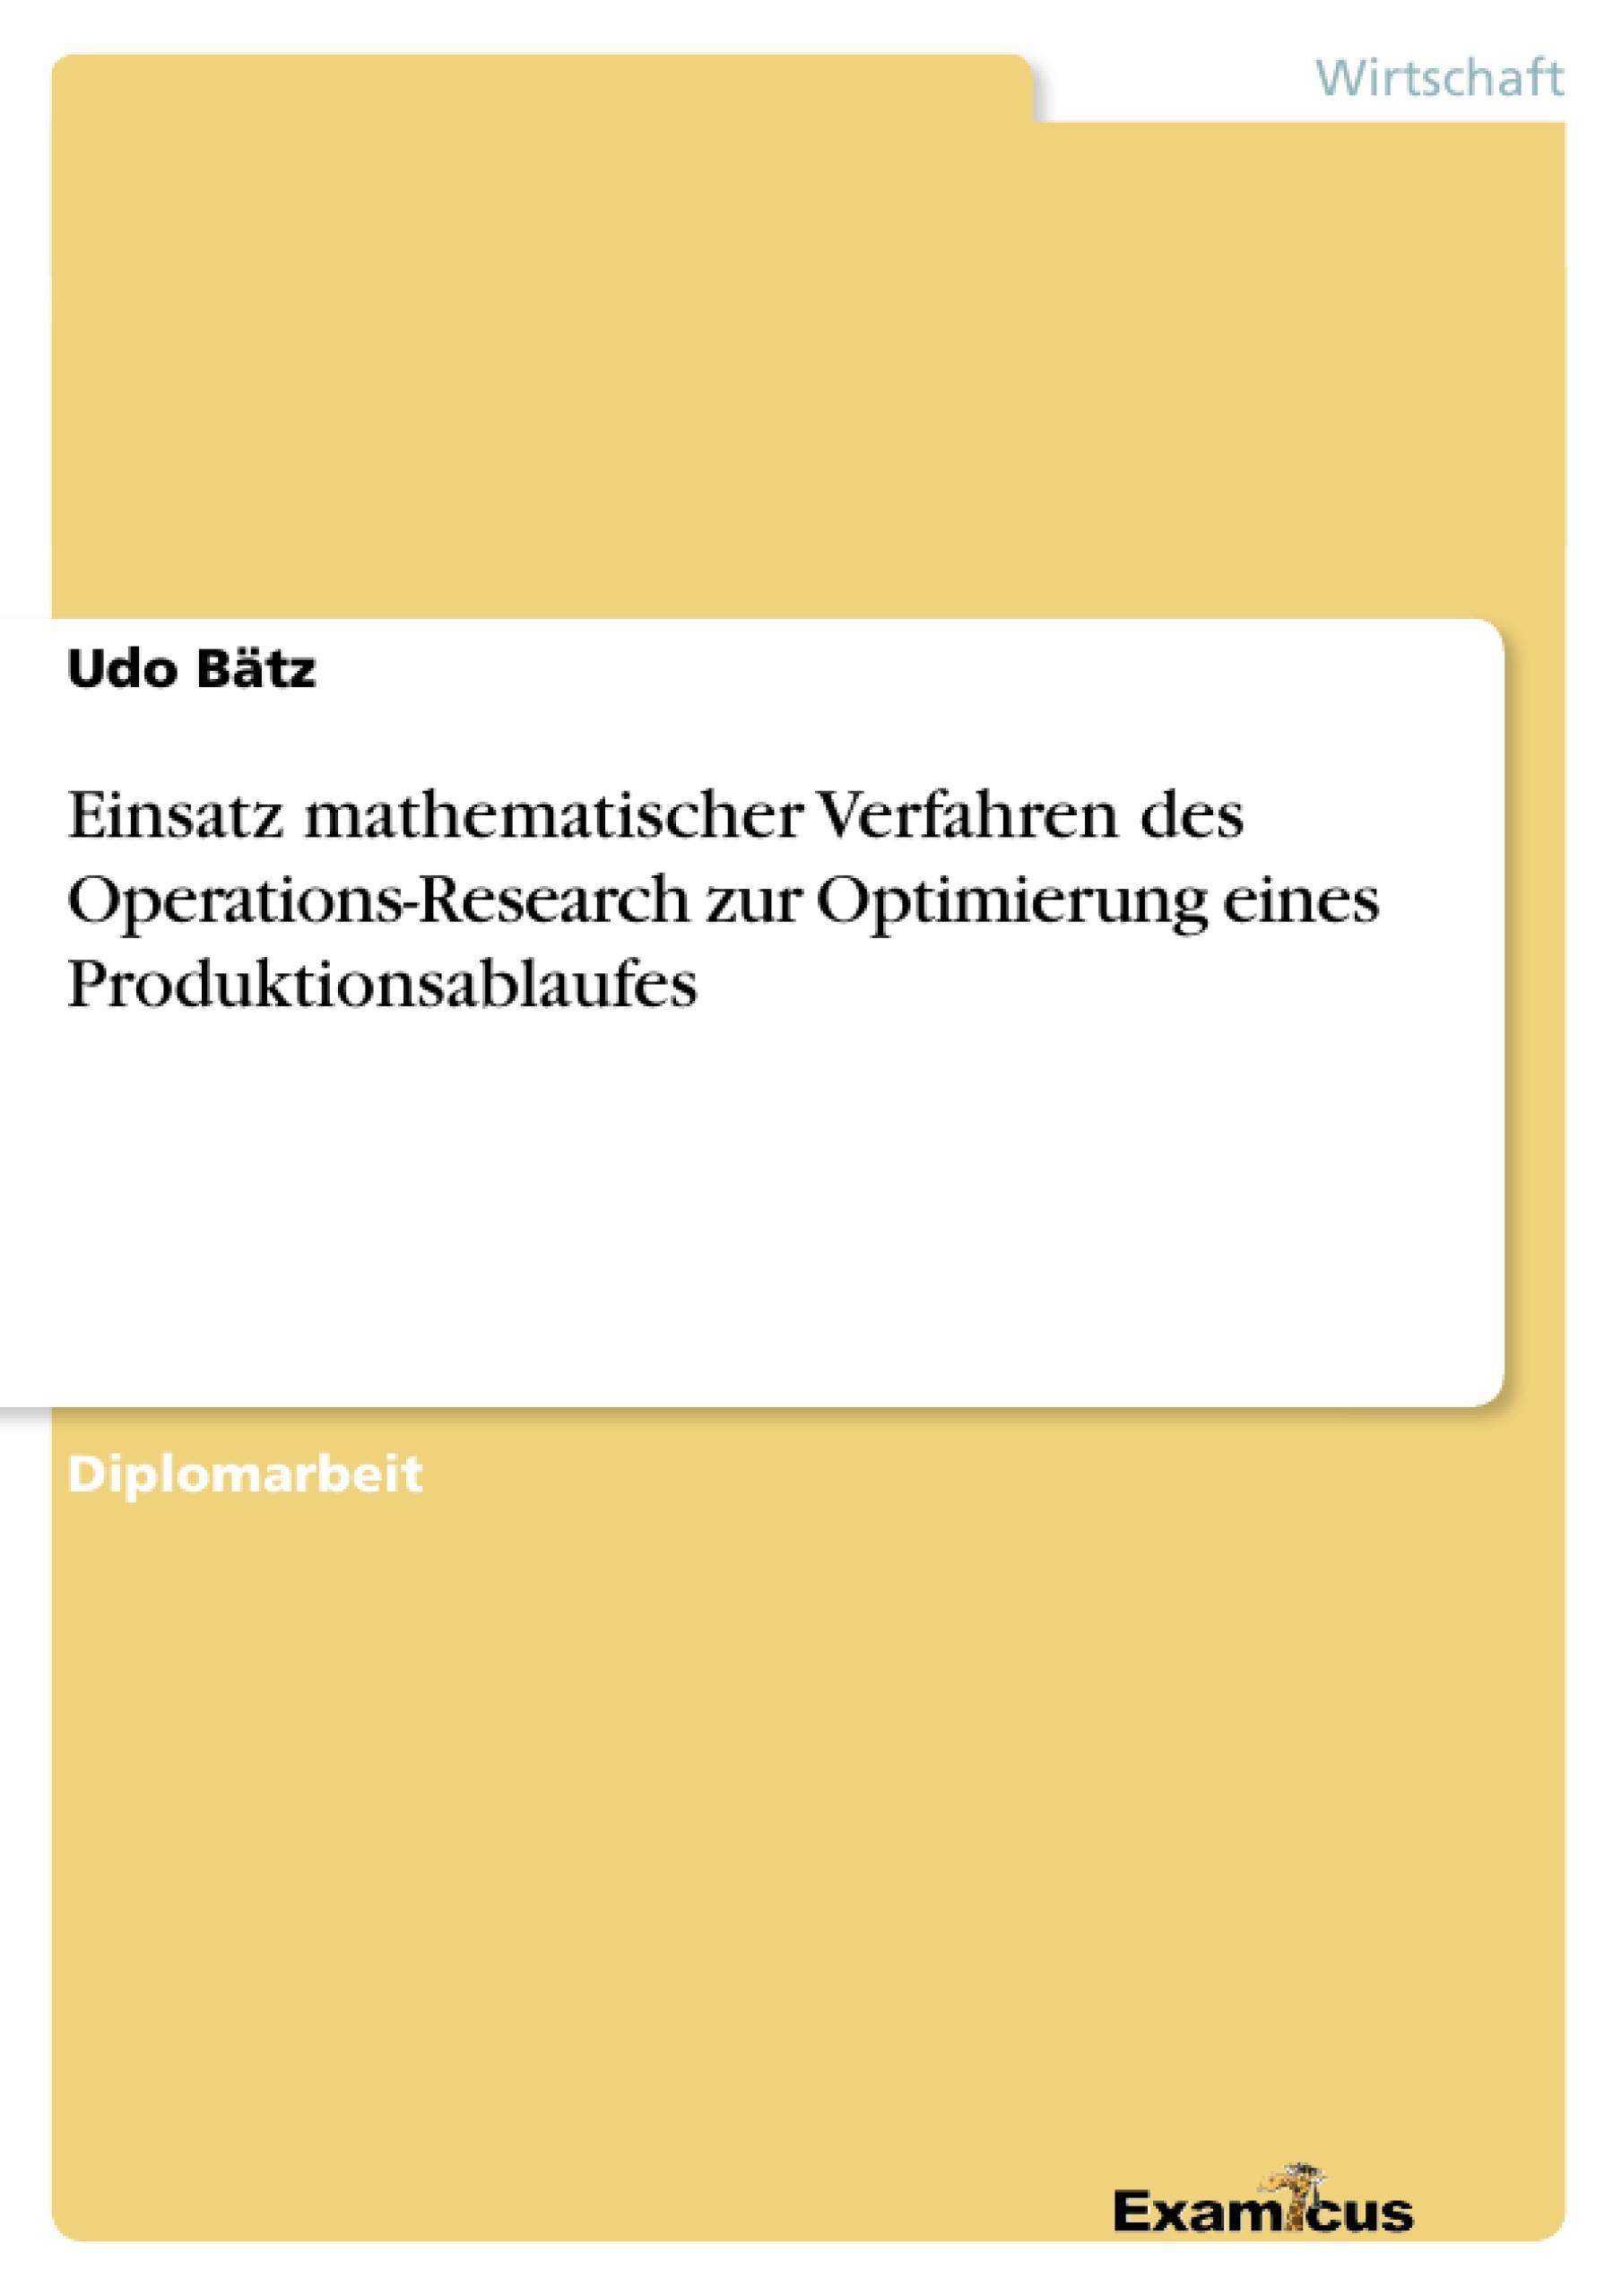 Titel: Einsatz mathematischer Verfahren des Operations-Research zur Optimierung eines Produktionsablaufes